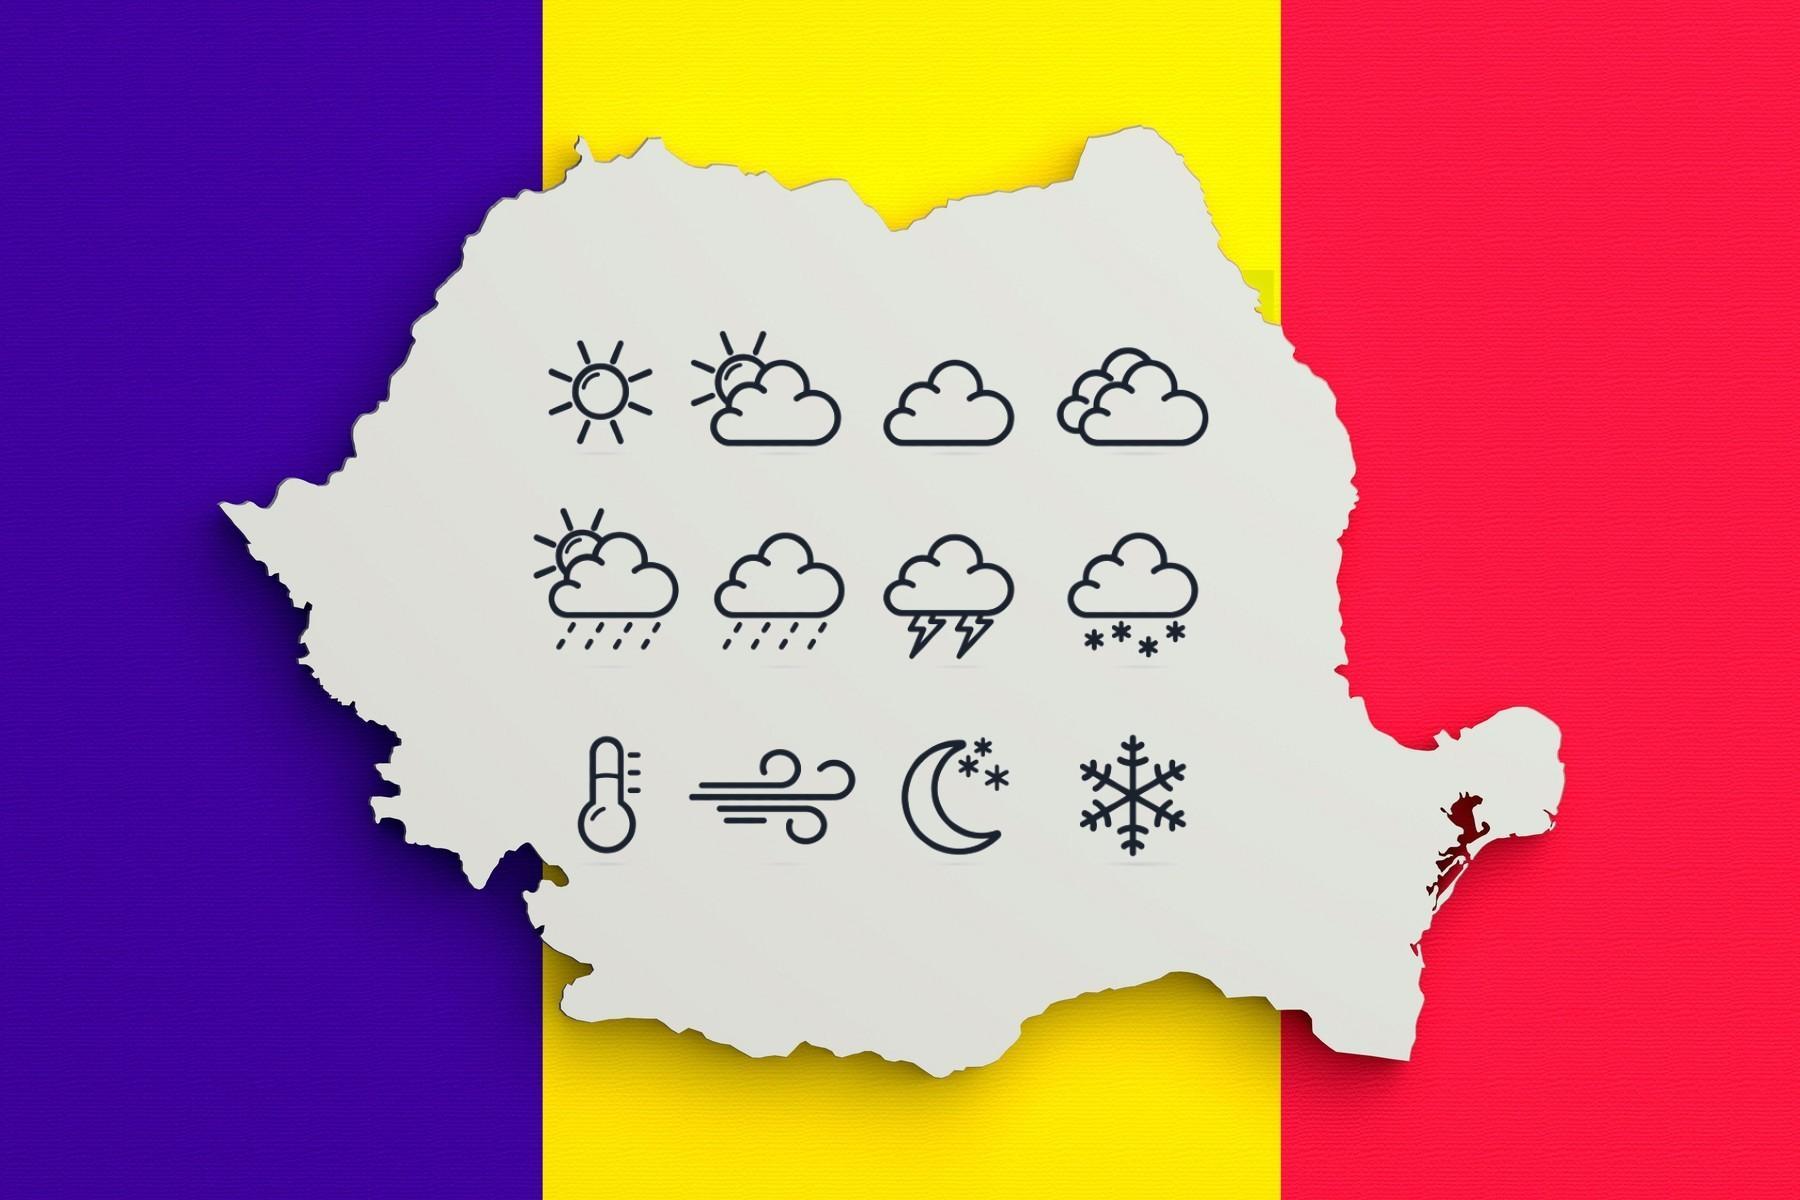 Prognoza meteo 2 decembrie 2020. Cum e vremea în România și care sunt previziunile ANM pentru astăzi